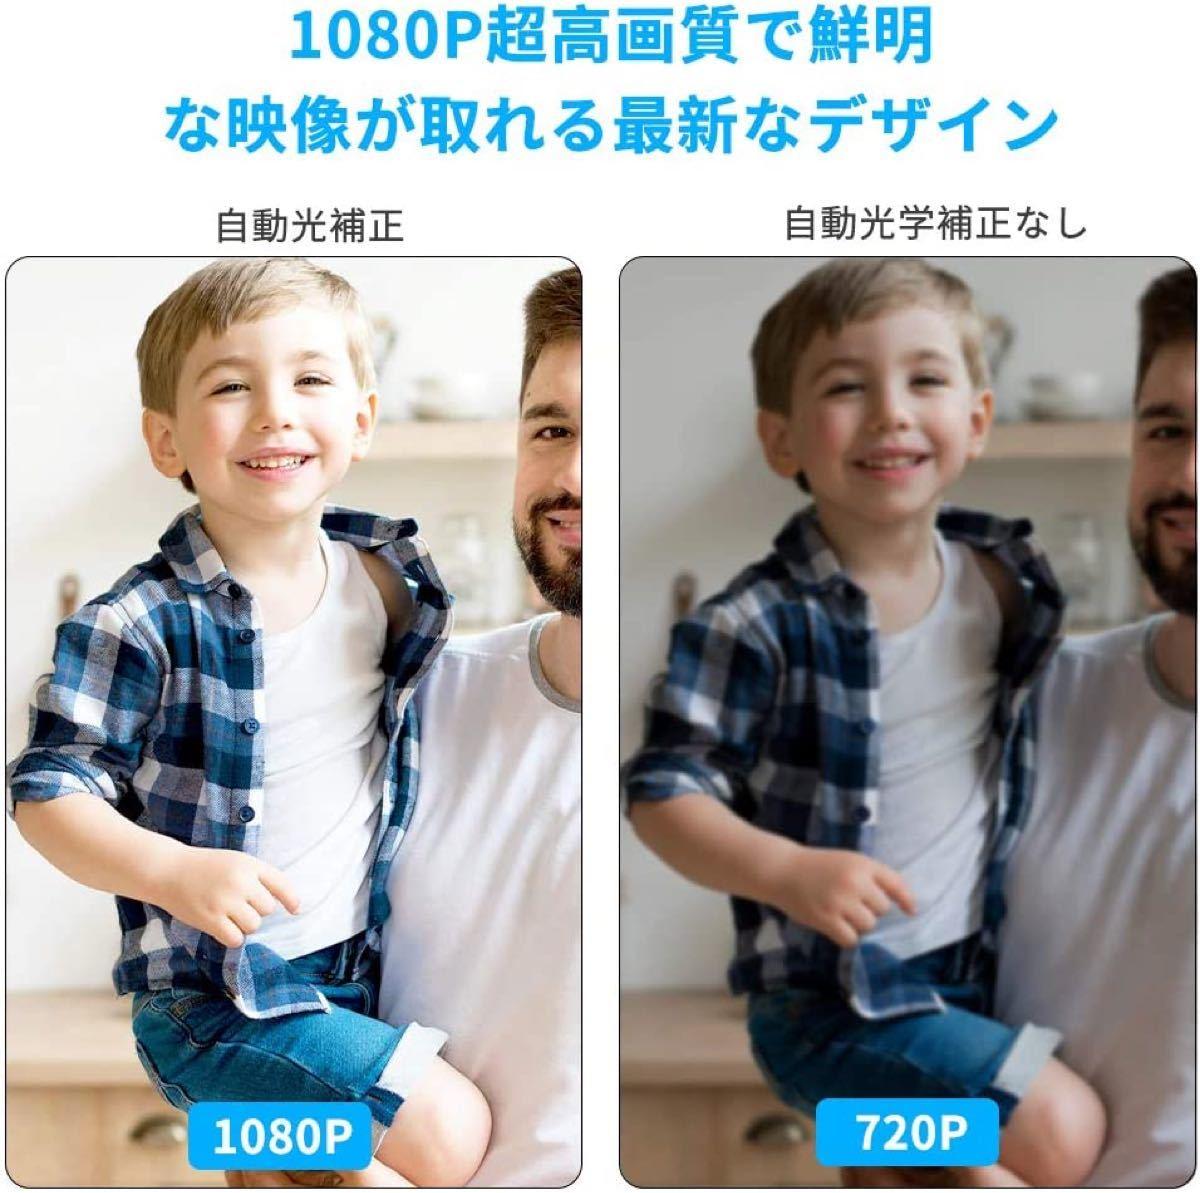 フルHD 1080P 30FPS Webカメラ 内臓マイク USBカメラ